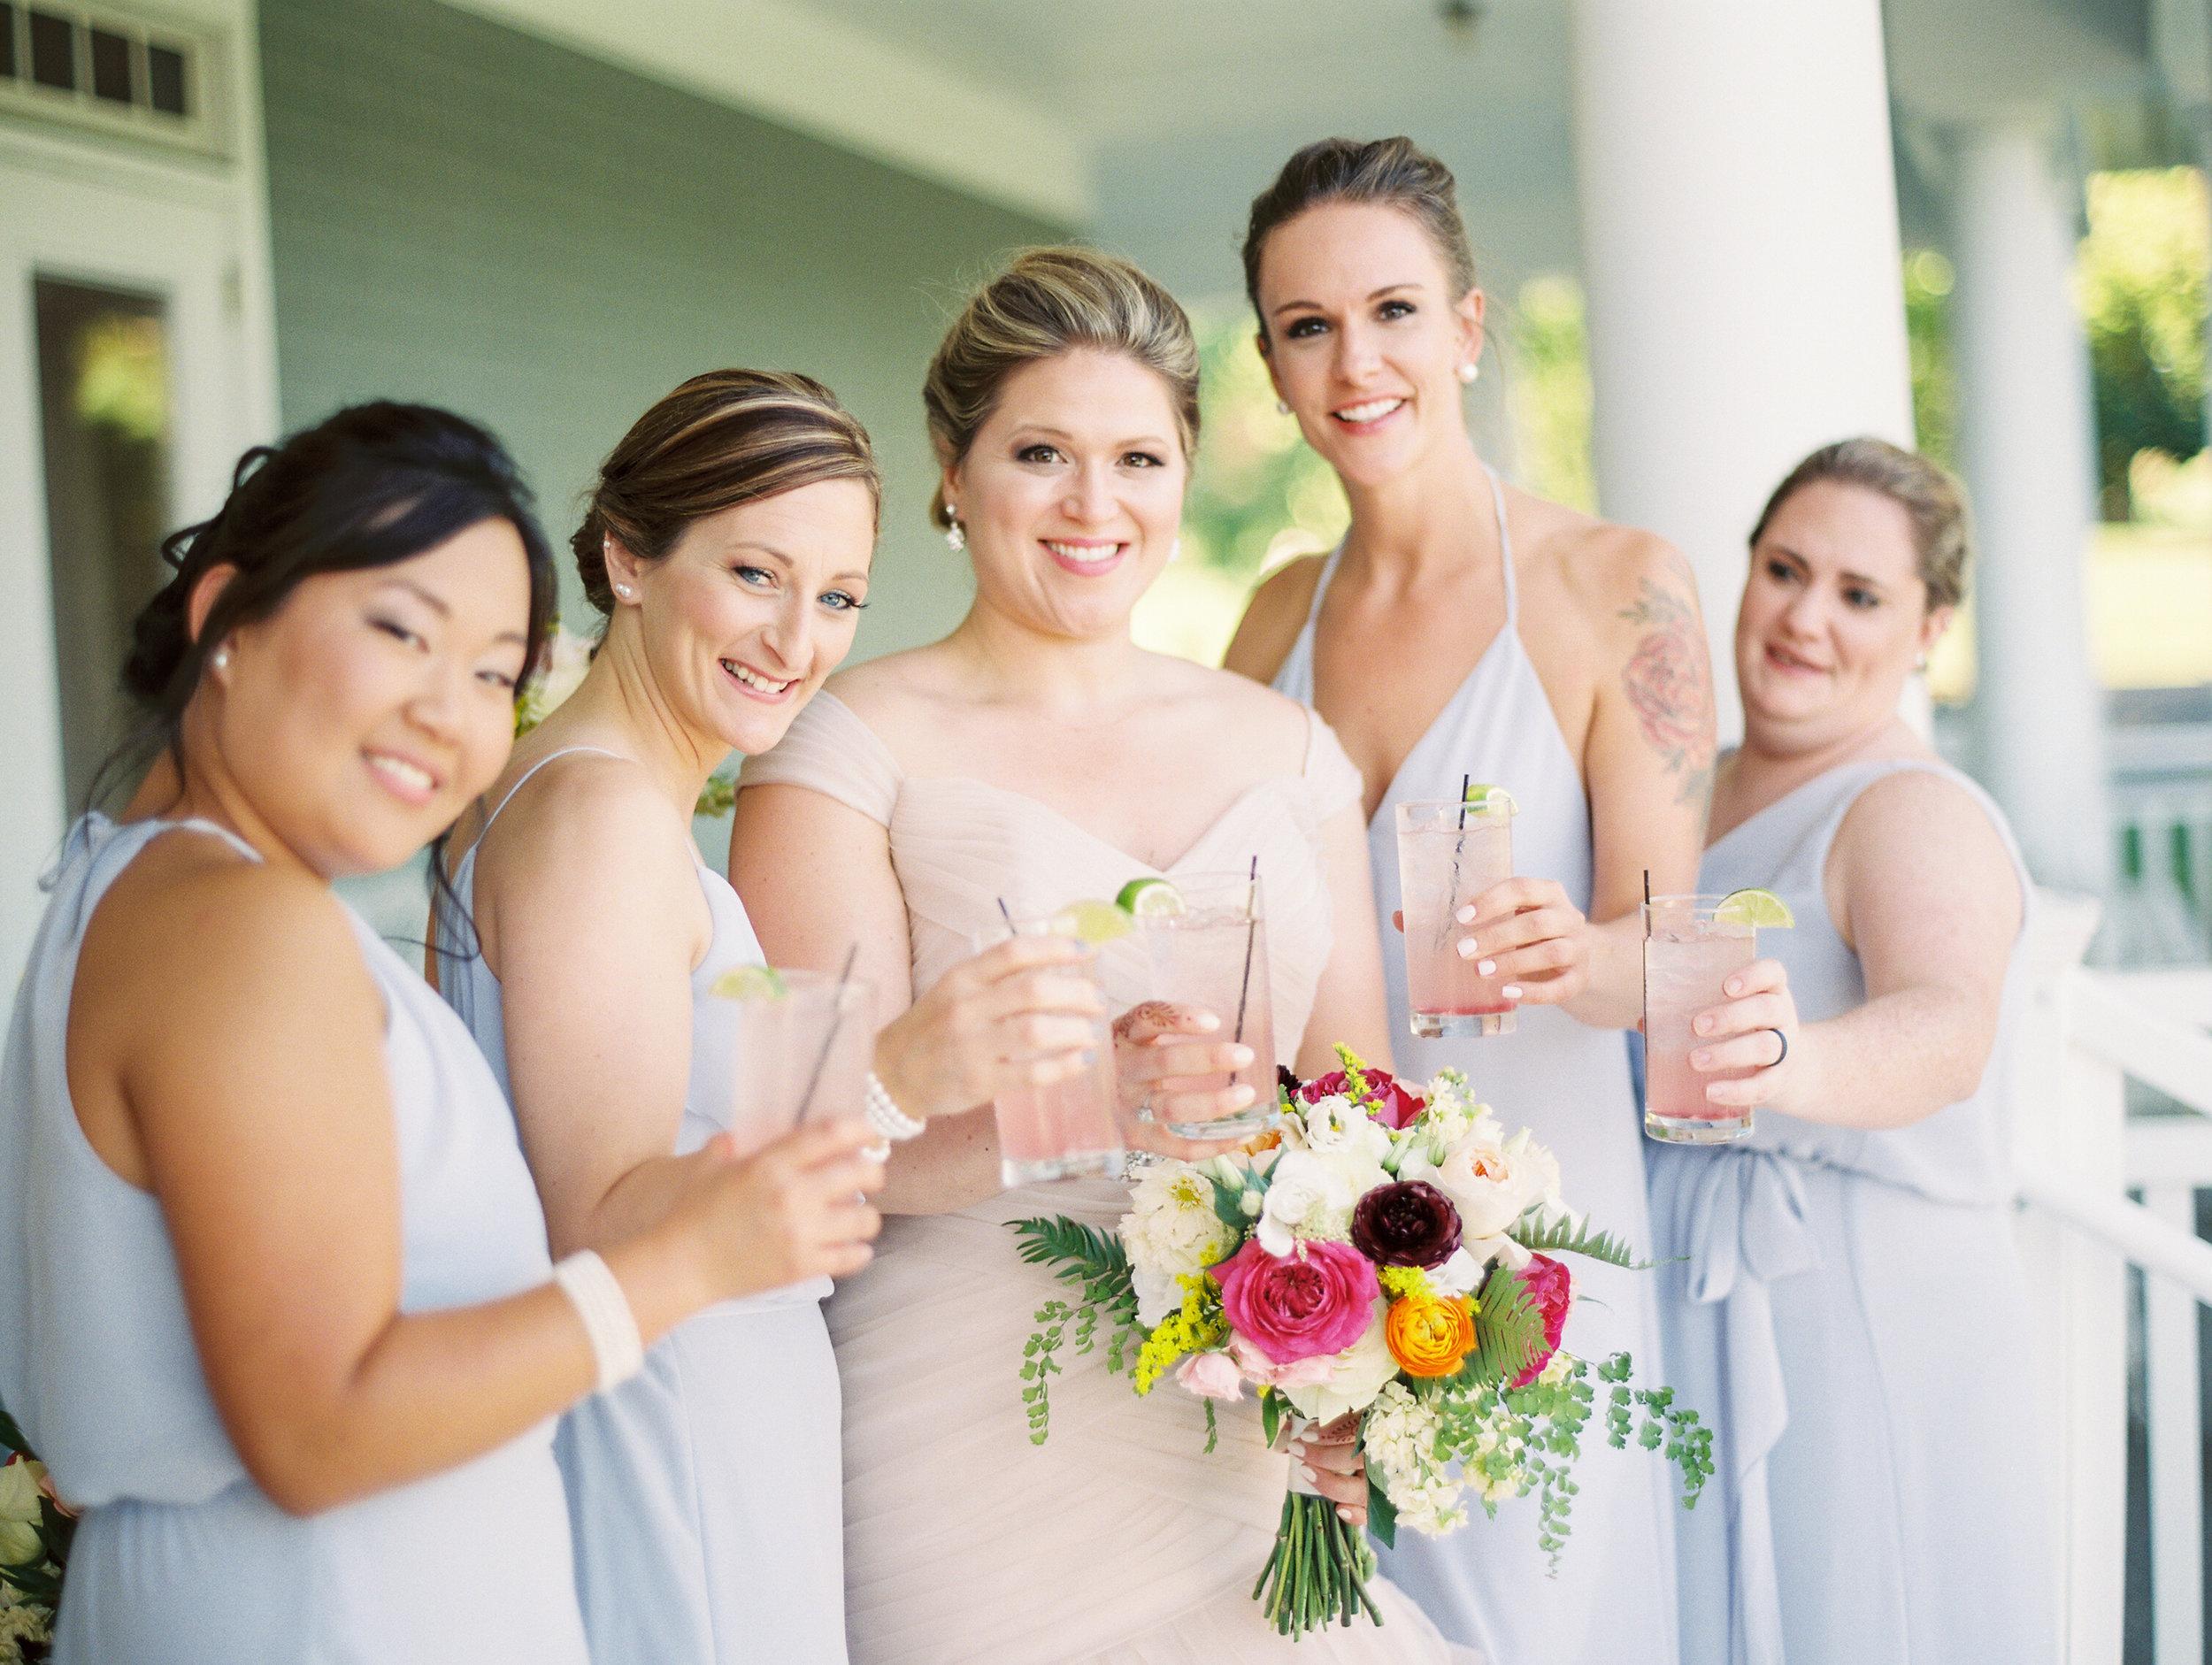 Govathoti+Wedding+Cocktail+BridalParty-24.jpg